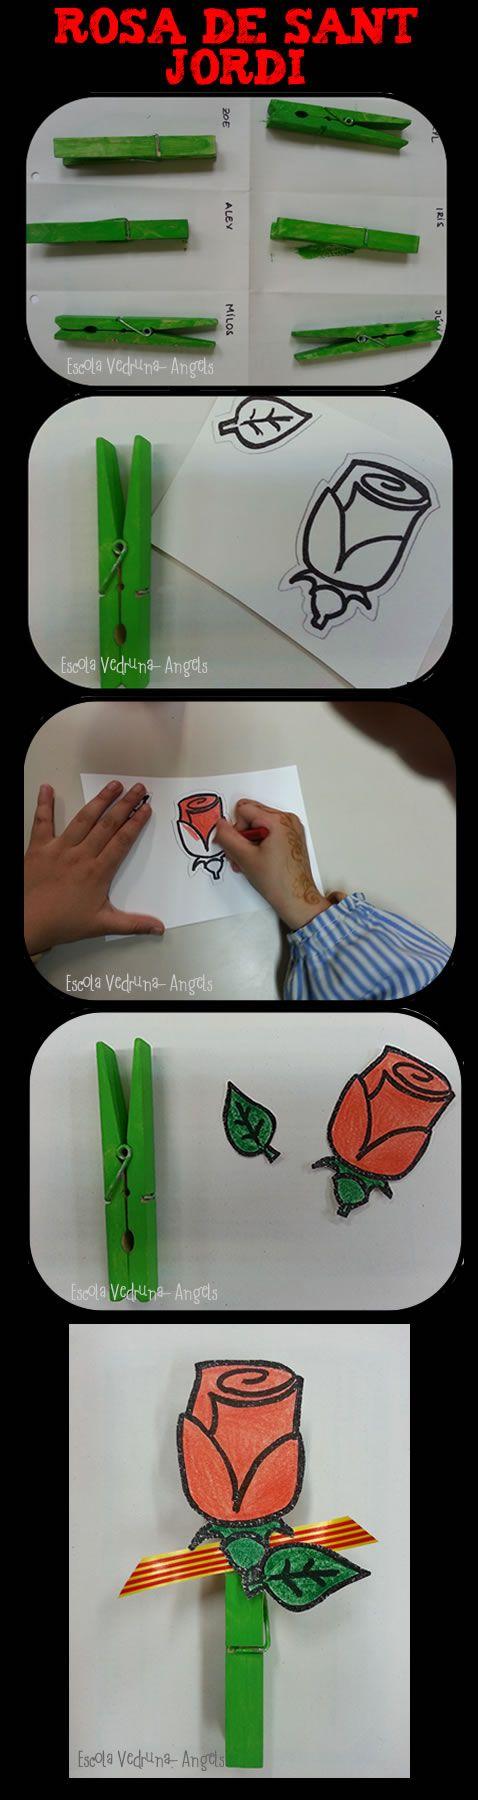 Rosa de Sant Jordi realitzada pels alumnes d'educació infantil de l'escola Vedruna-Àngels de Barcelona. MATERIAL: pinza de fusta,pintura verda,plantilla amb dibuix de la rosa i la fulla i cinta. Escola Vedruna-Àngels (Barcelona)